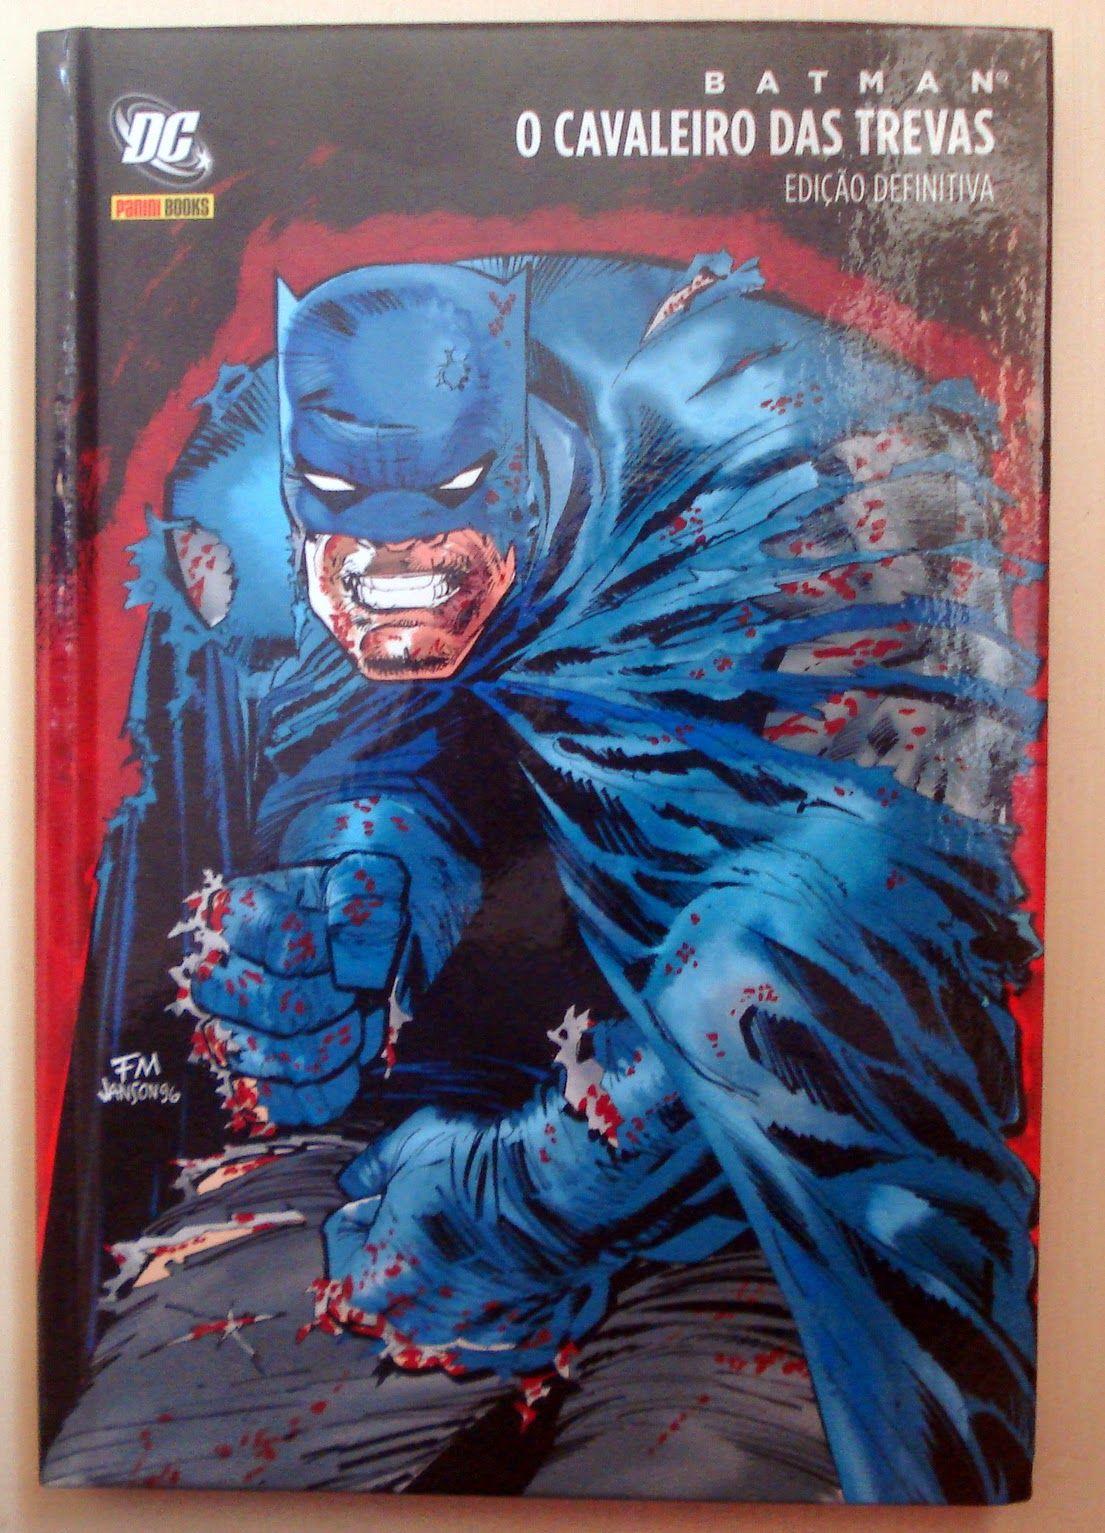 Batman O Cavaleiro Das Trevas Edicao Definitiva Batman O